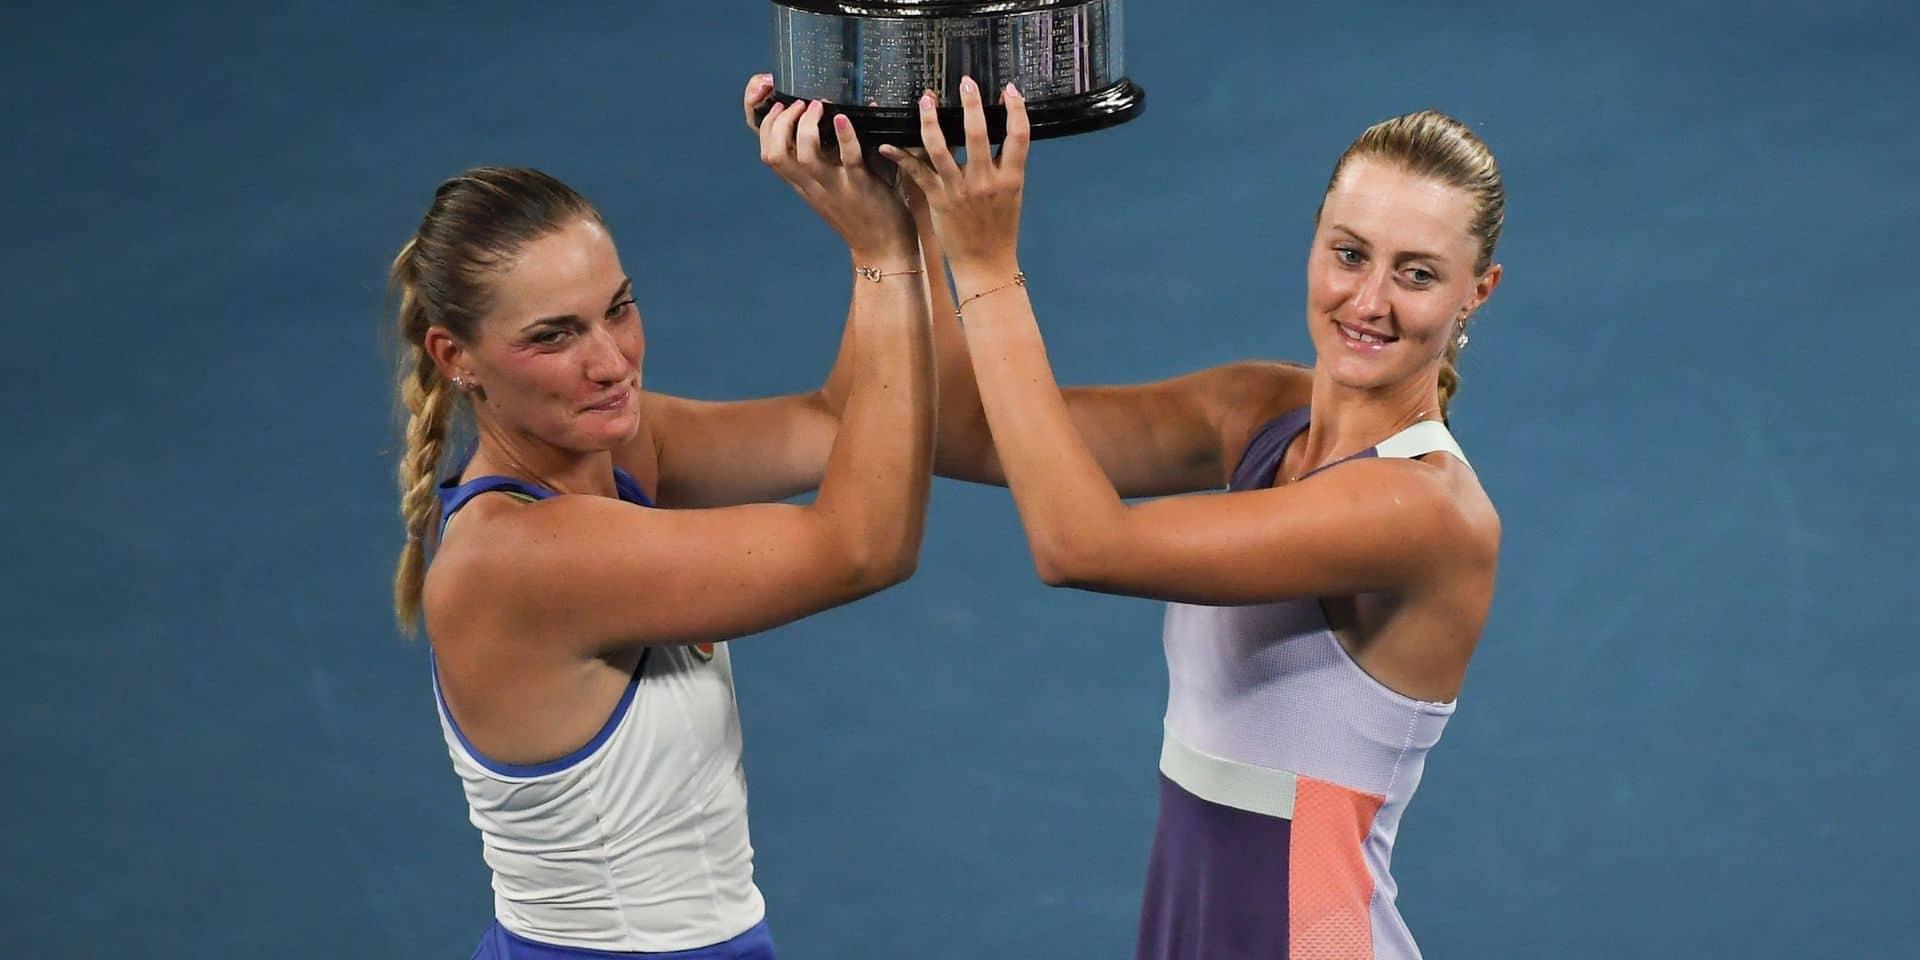 """US Open : Timea Babos crie à """"l'injustice"""" après son exclusion du double avec Mladenovic"""